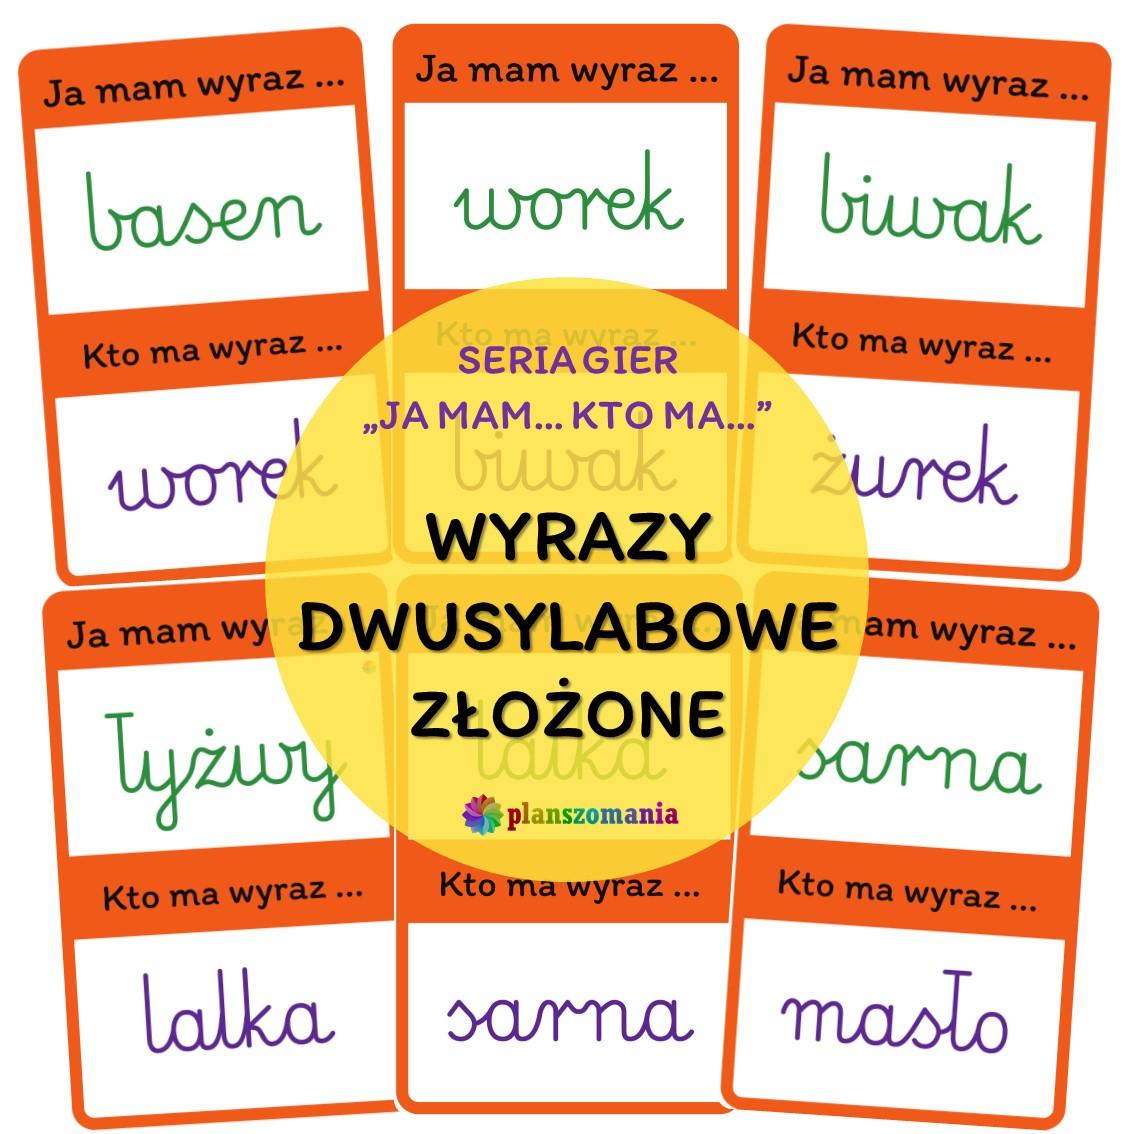 JA MAM KTO MA gra wyrzy dwusylabowe złożone pdf pismo szkolne